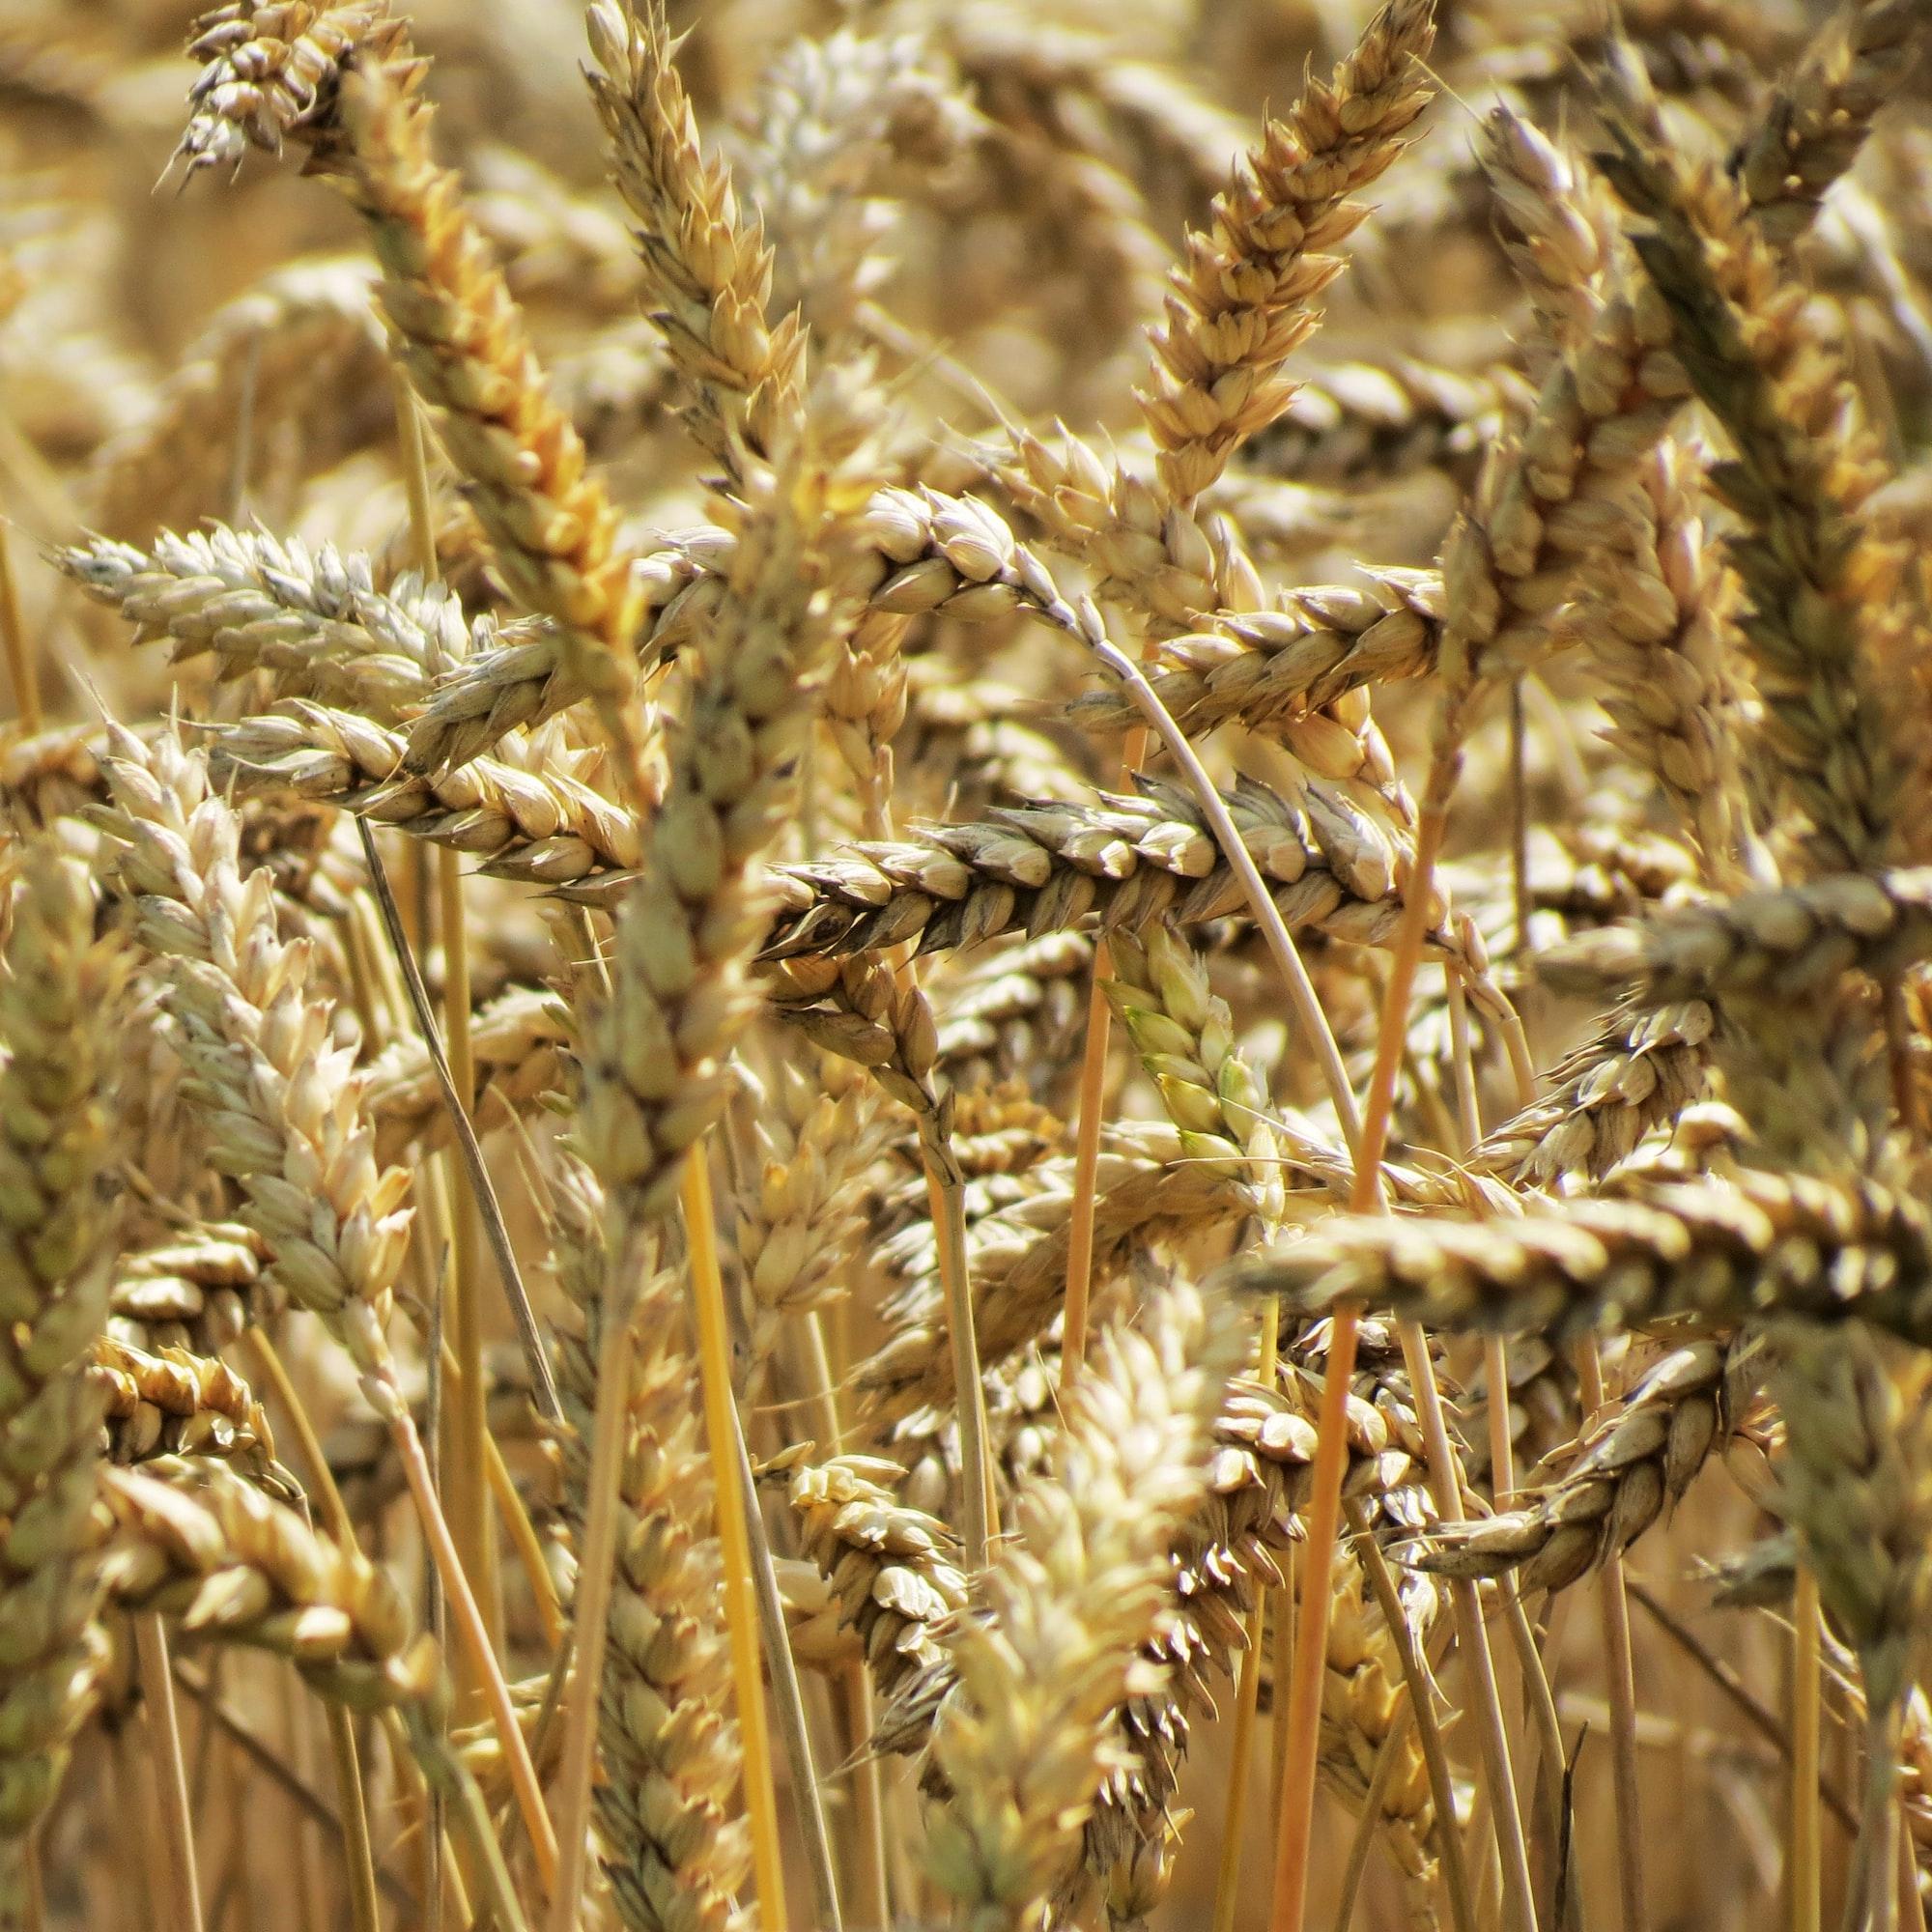 Sunlit golden barley ears